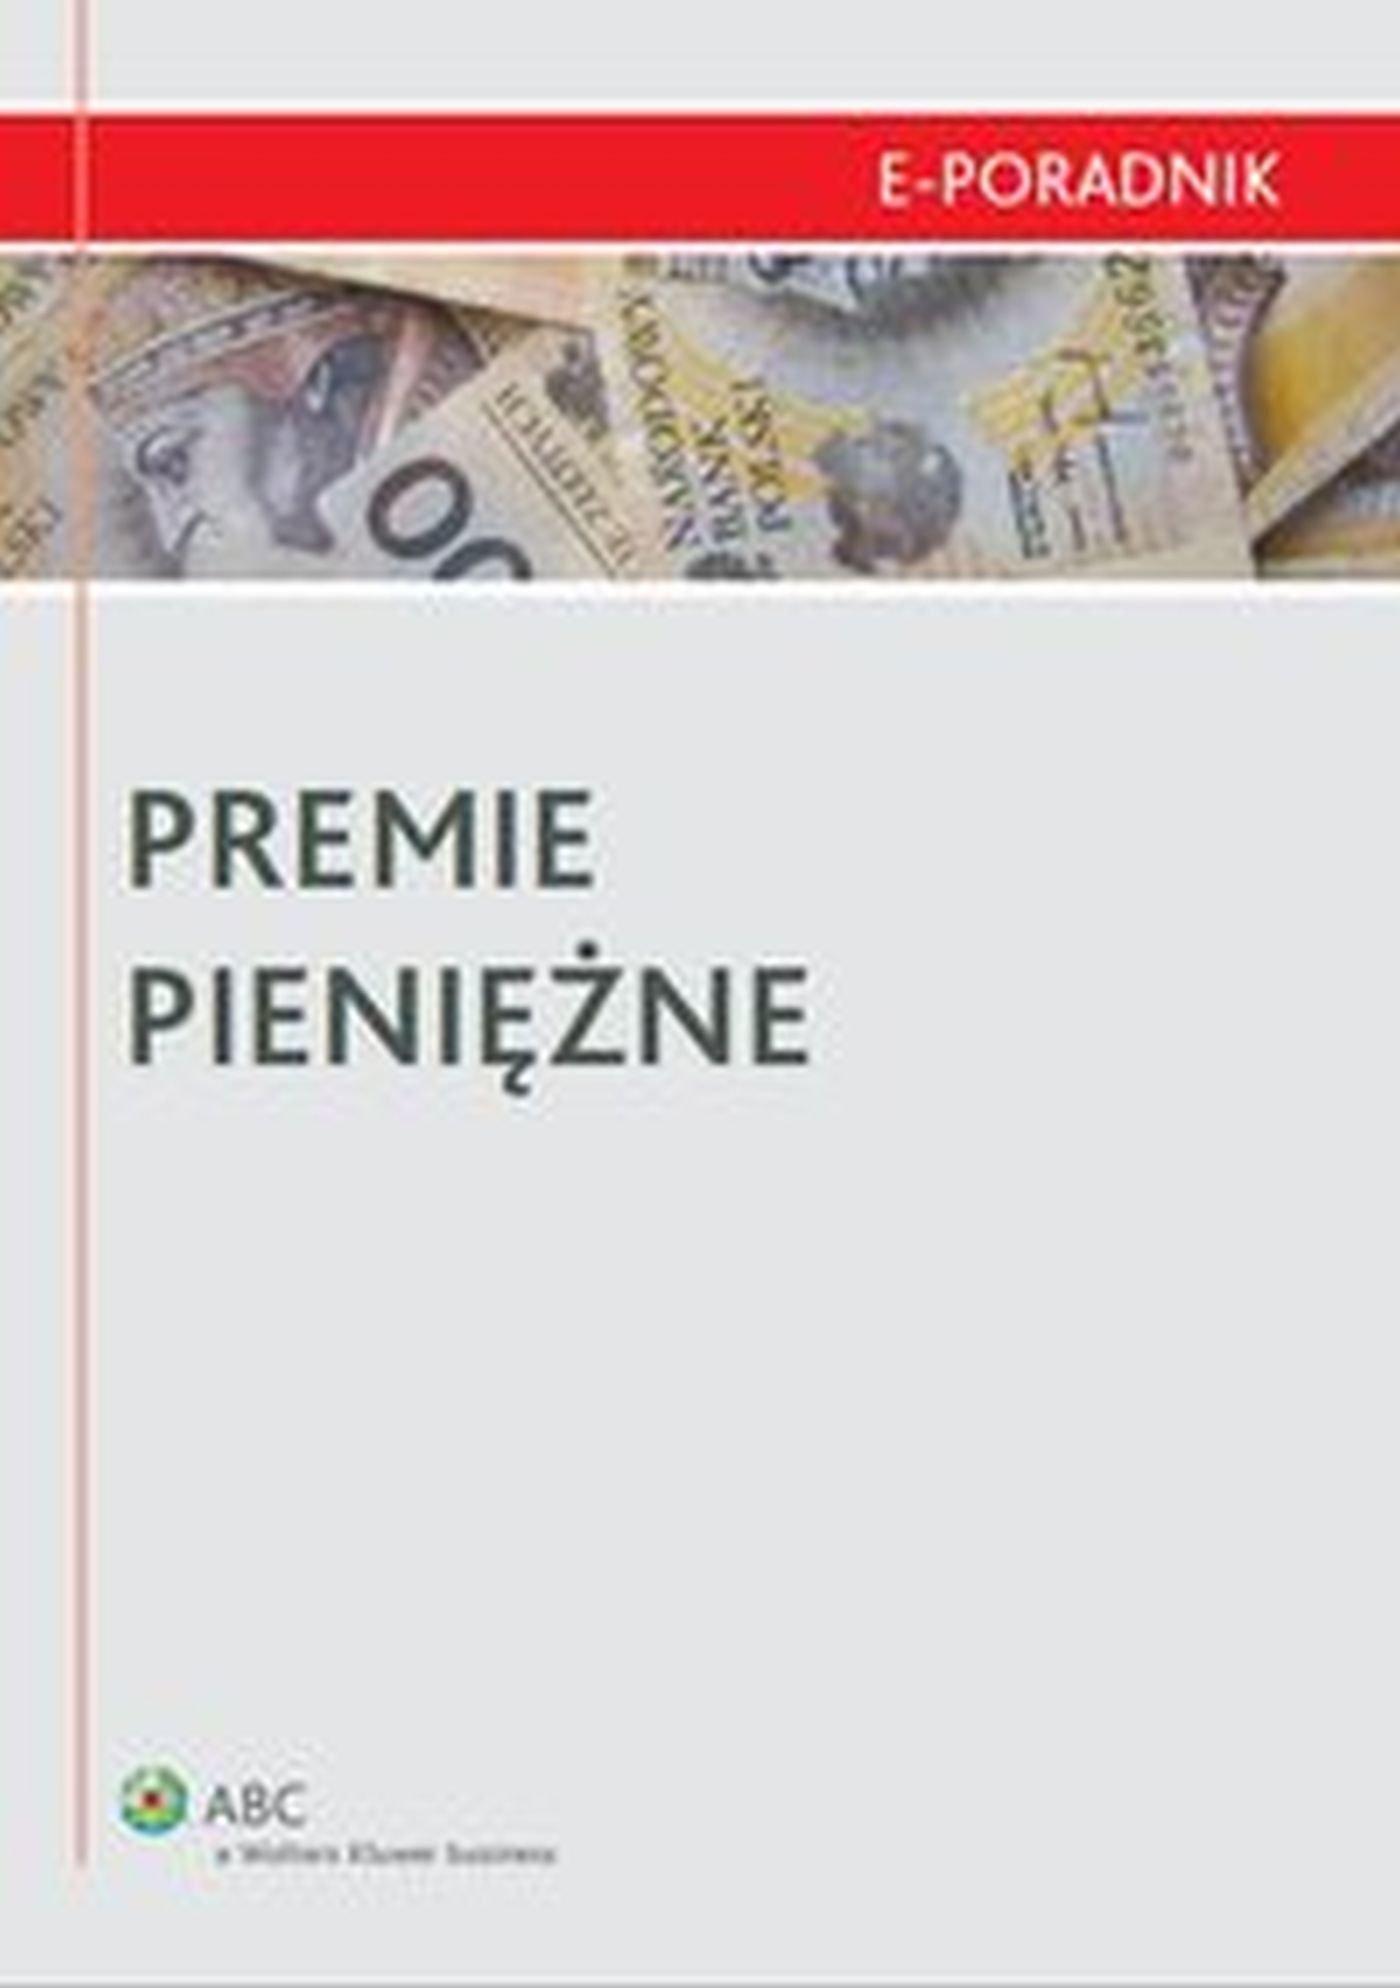 Premie pieniężne - Ebook (Książka EPUB) do pobrania w formacie EPUB